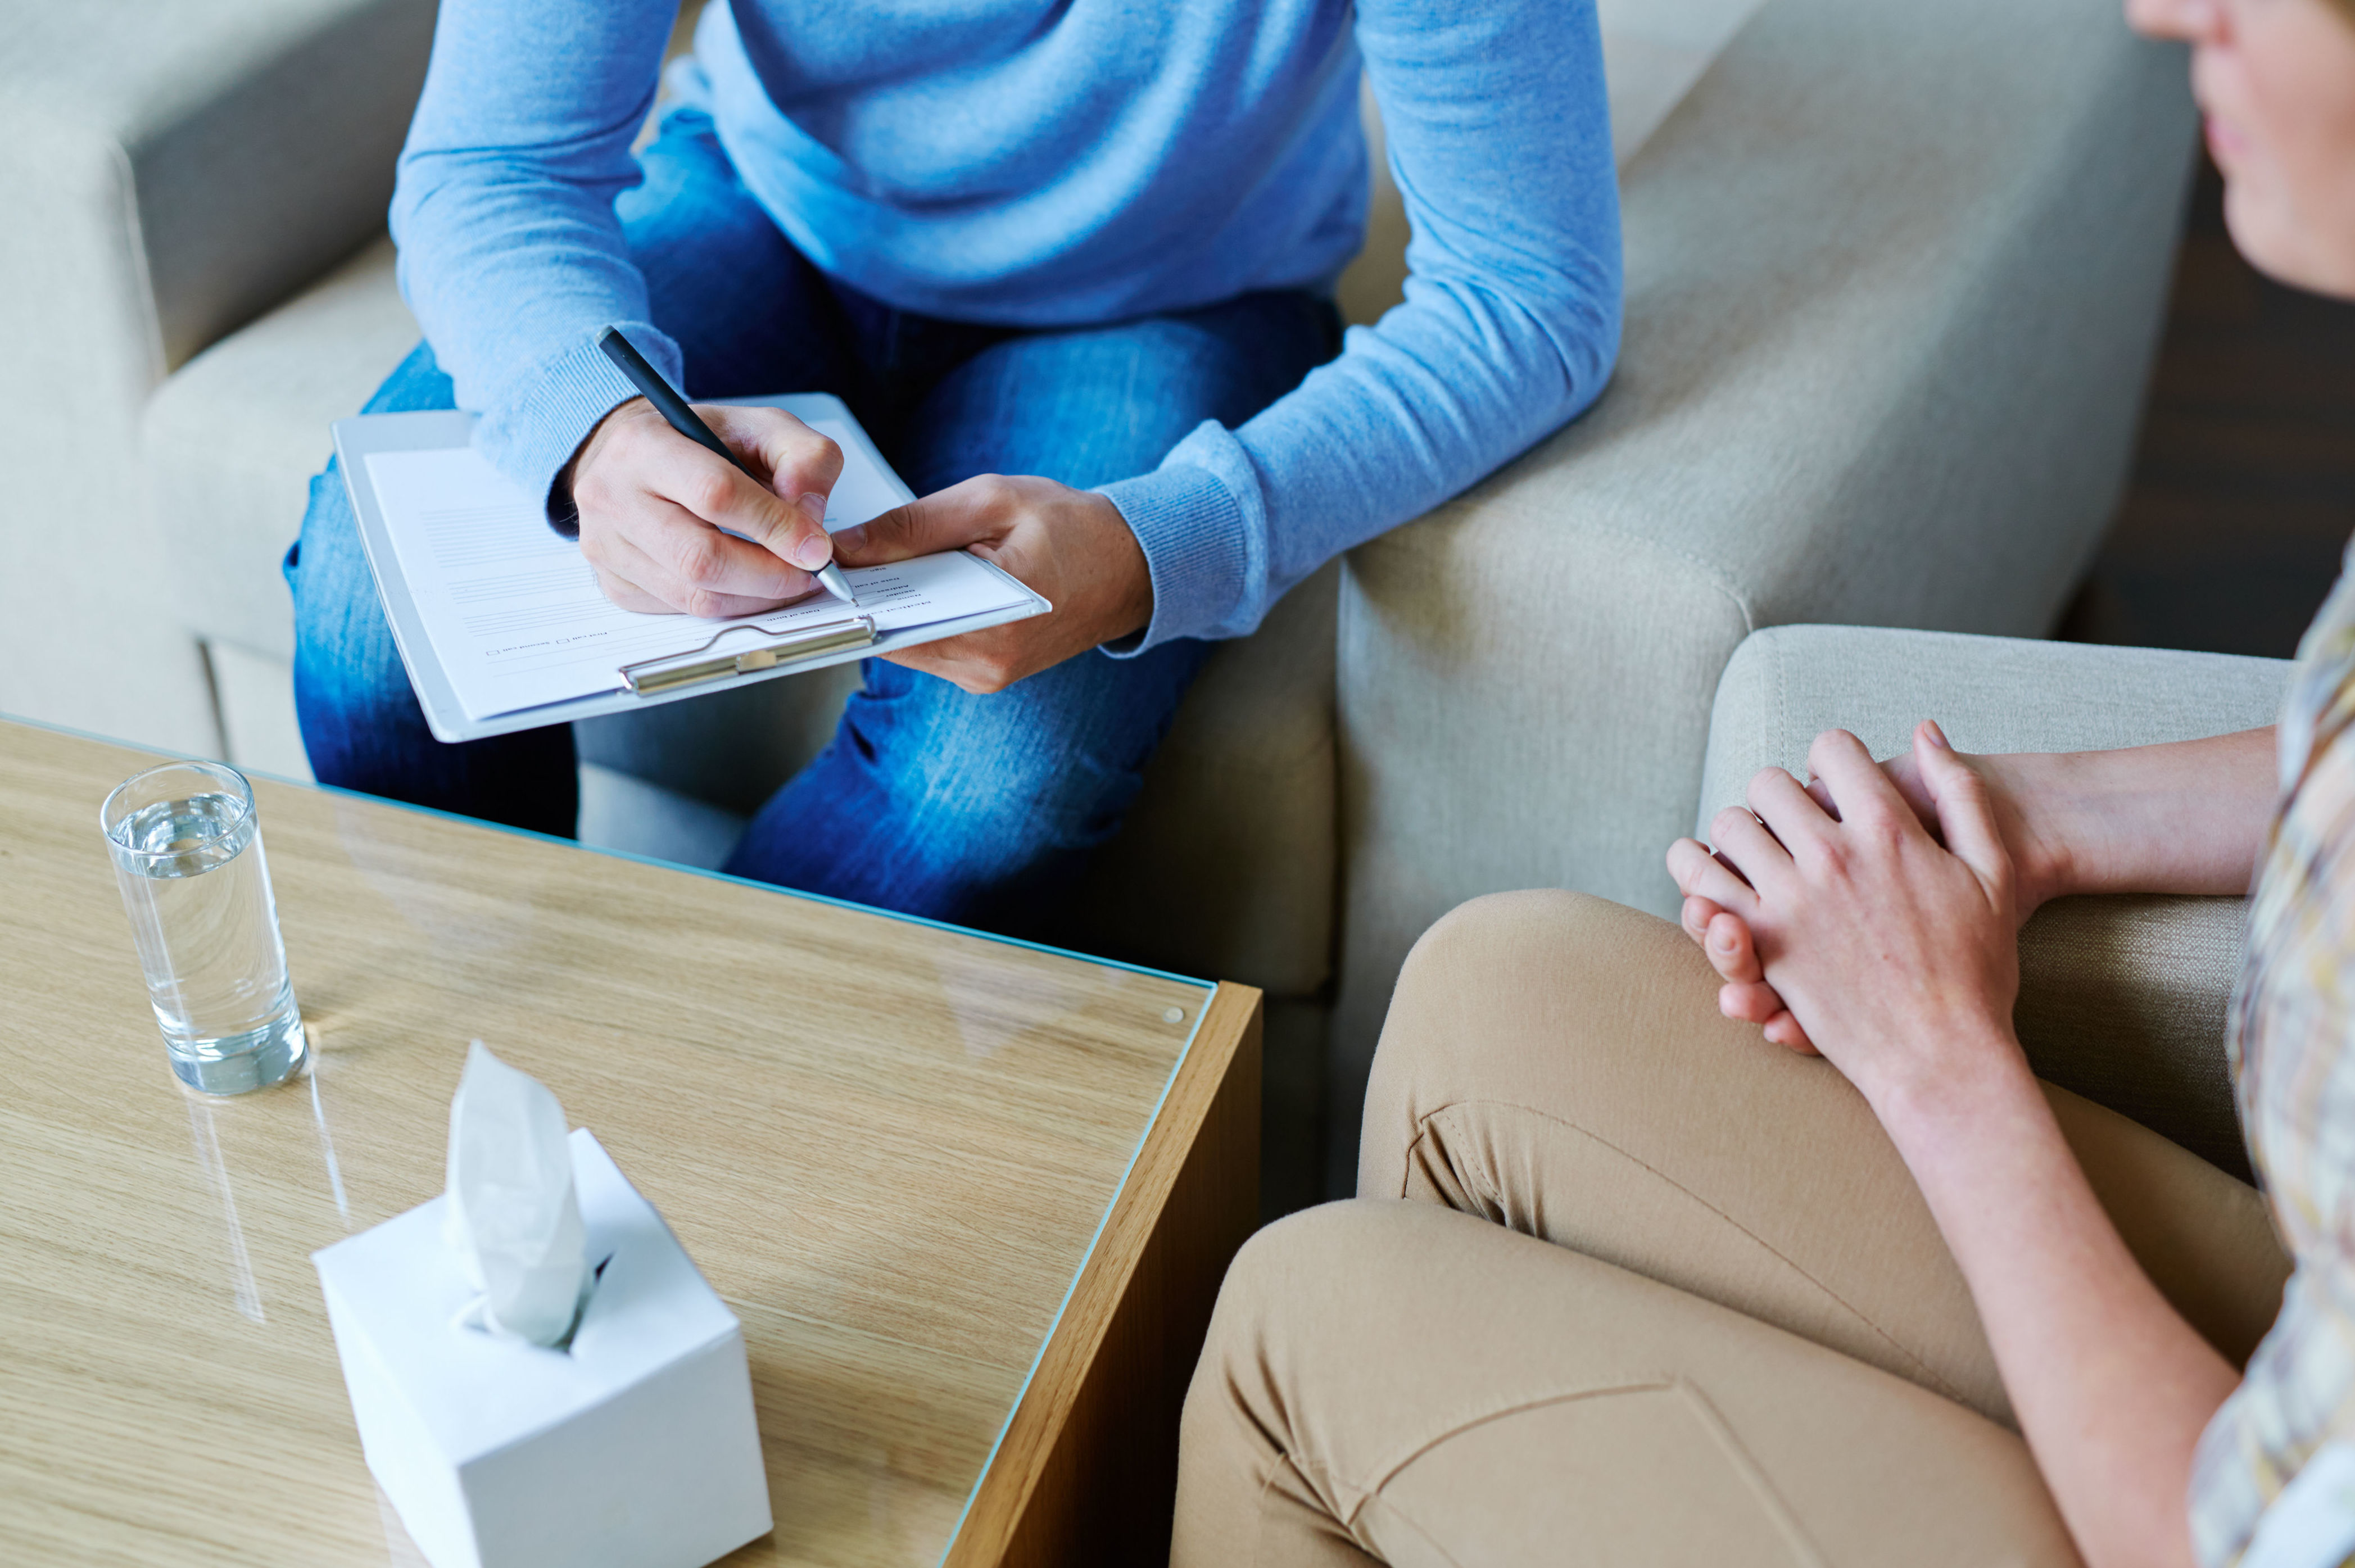 La plataforma on-line 'Personas Que' abre sus servicios a la esquizofrenia